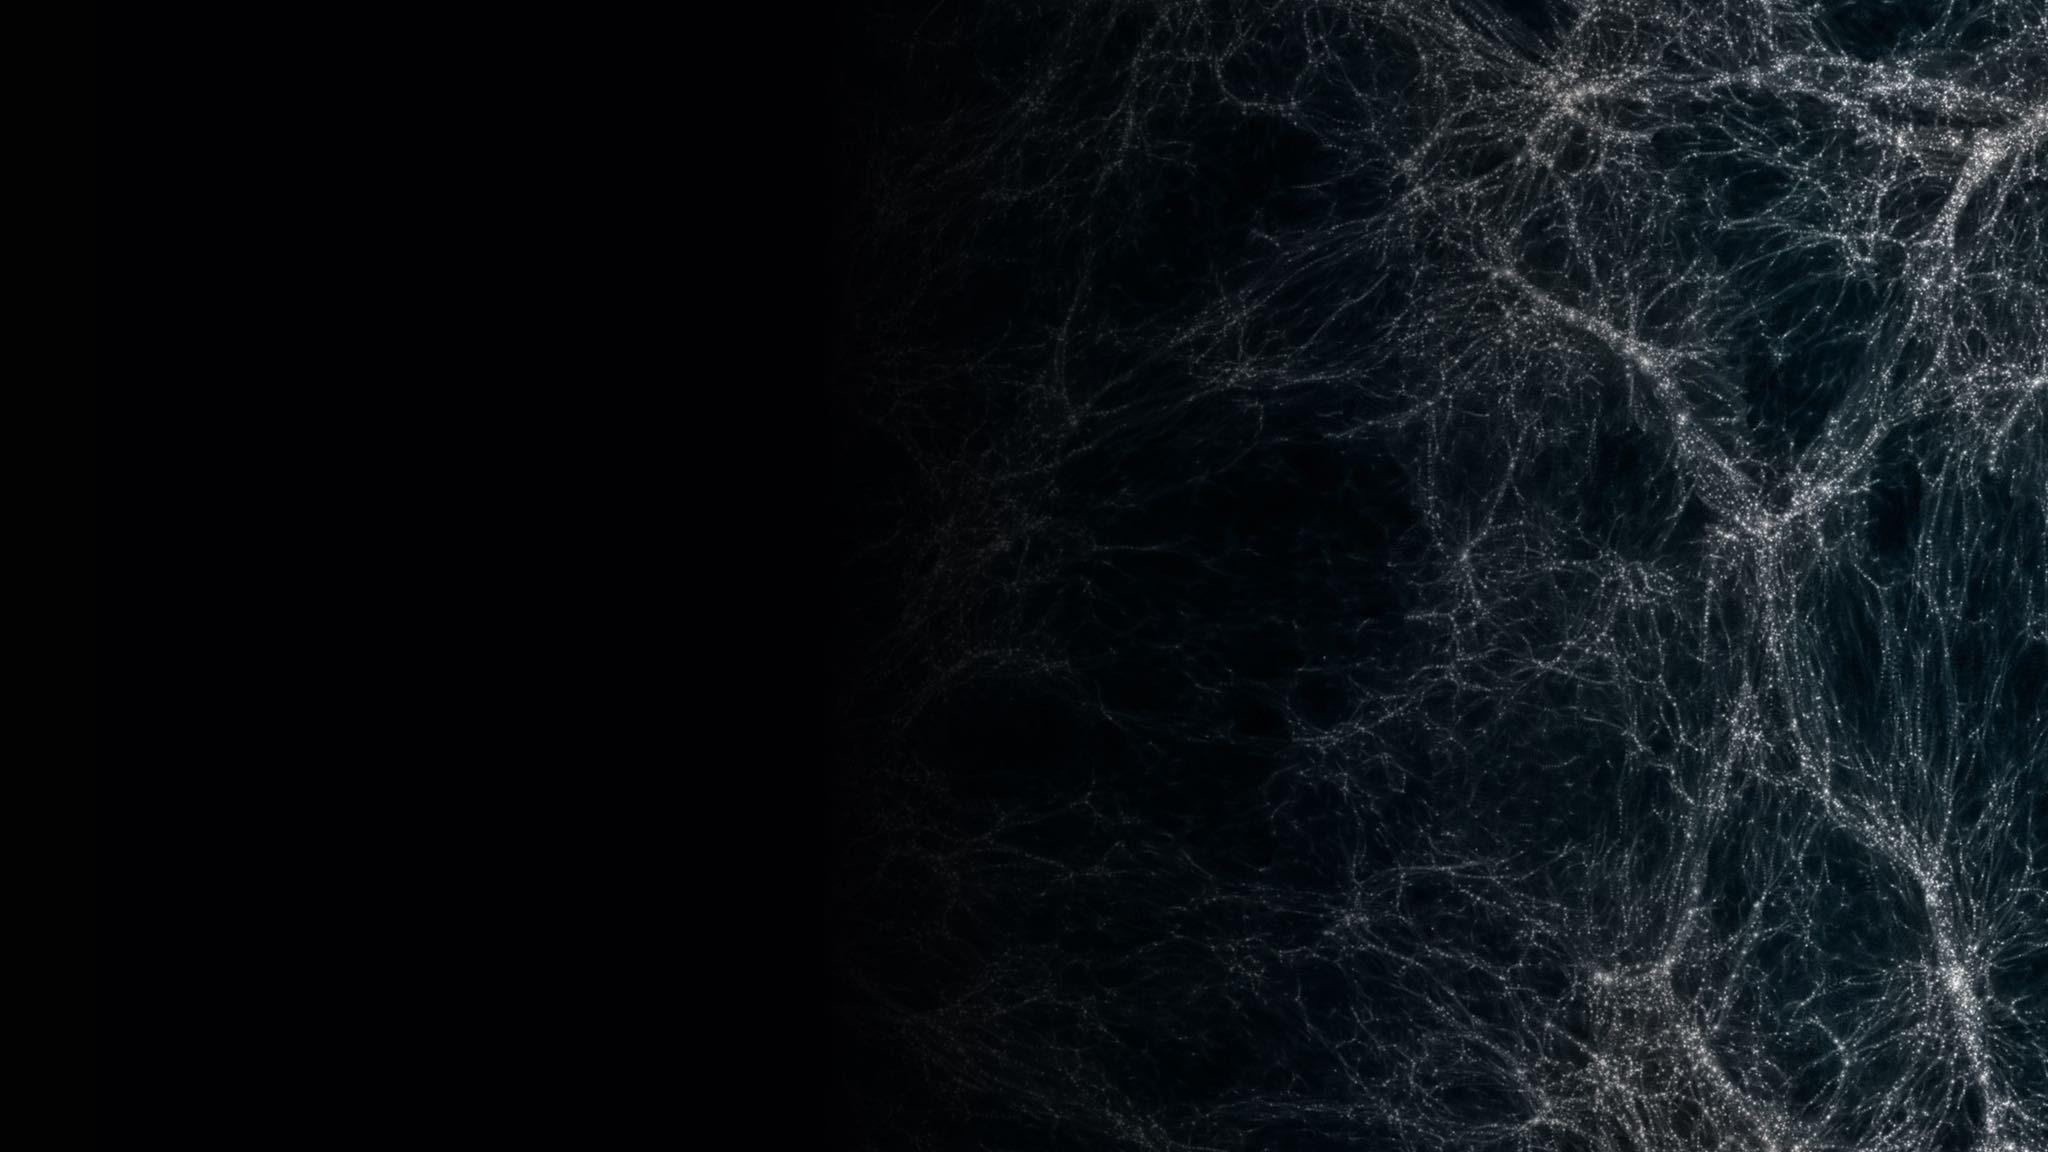 dark ile ilgili görsel sonucu